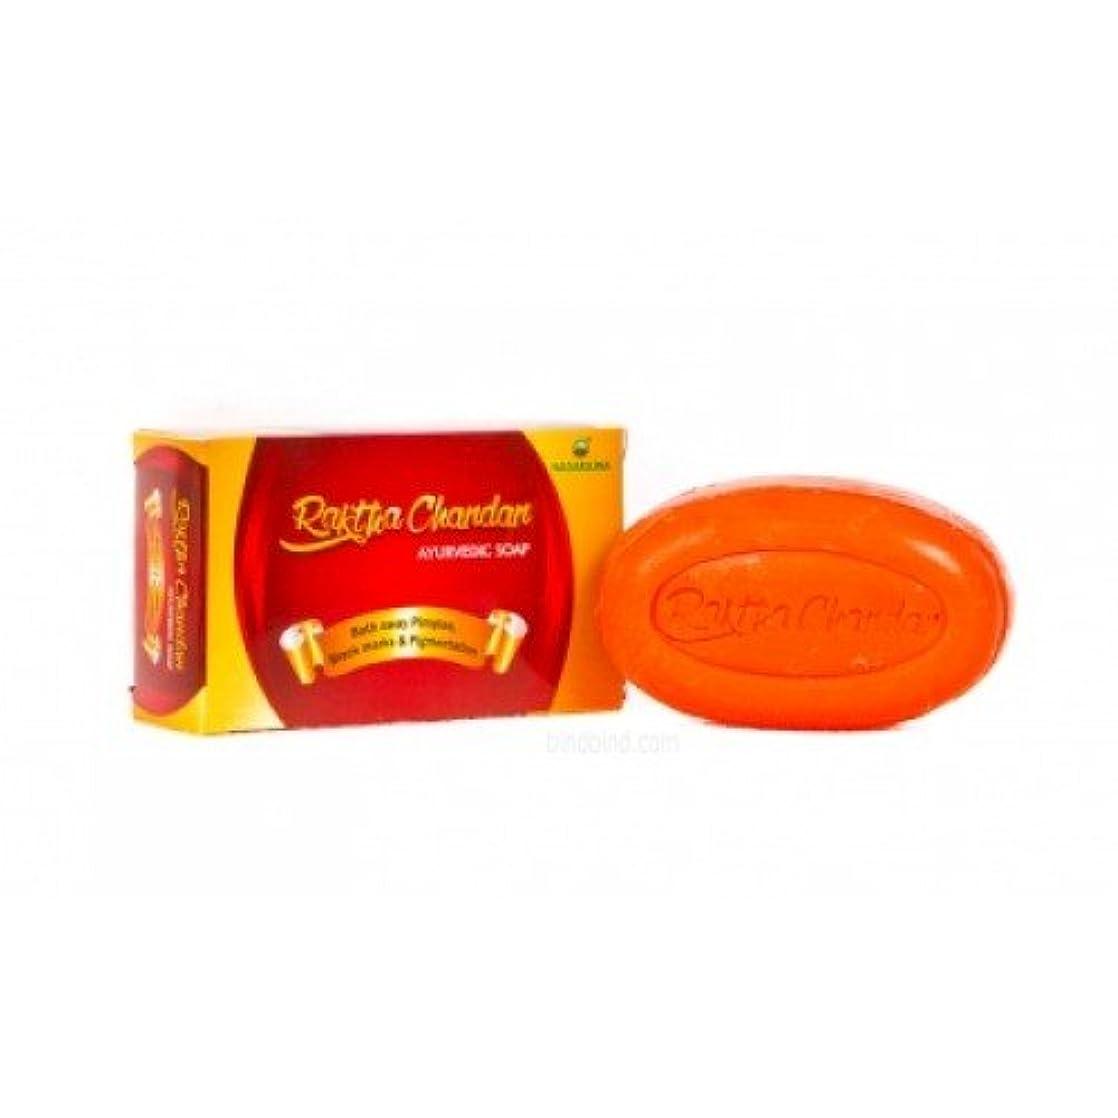 ピザシャンパン思いつくNagarjuna Raktha Chandan Ayurvedic Soap Best For Glowing Skin